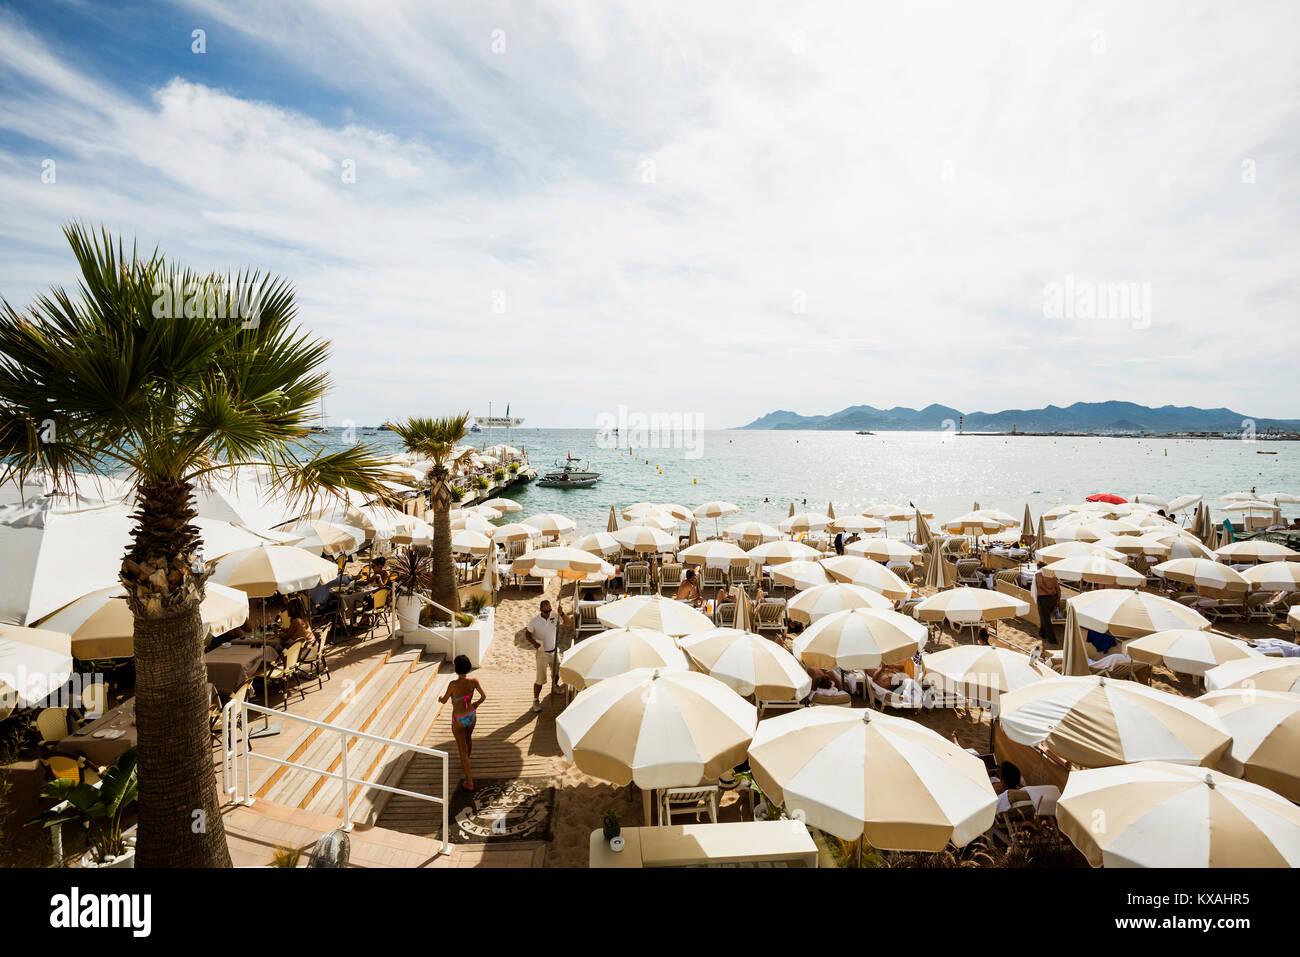 Lido, Cannes, Côte d' Azur, Provence-Alpes-Côte d' Azur, South of France, France - Stock Image